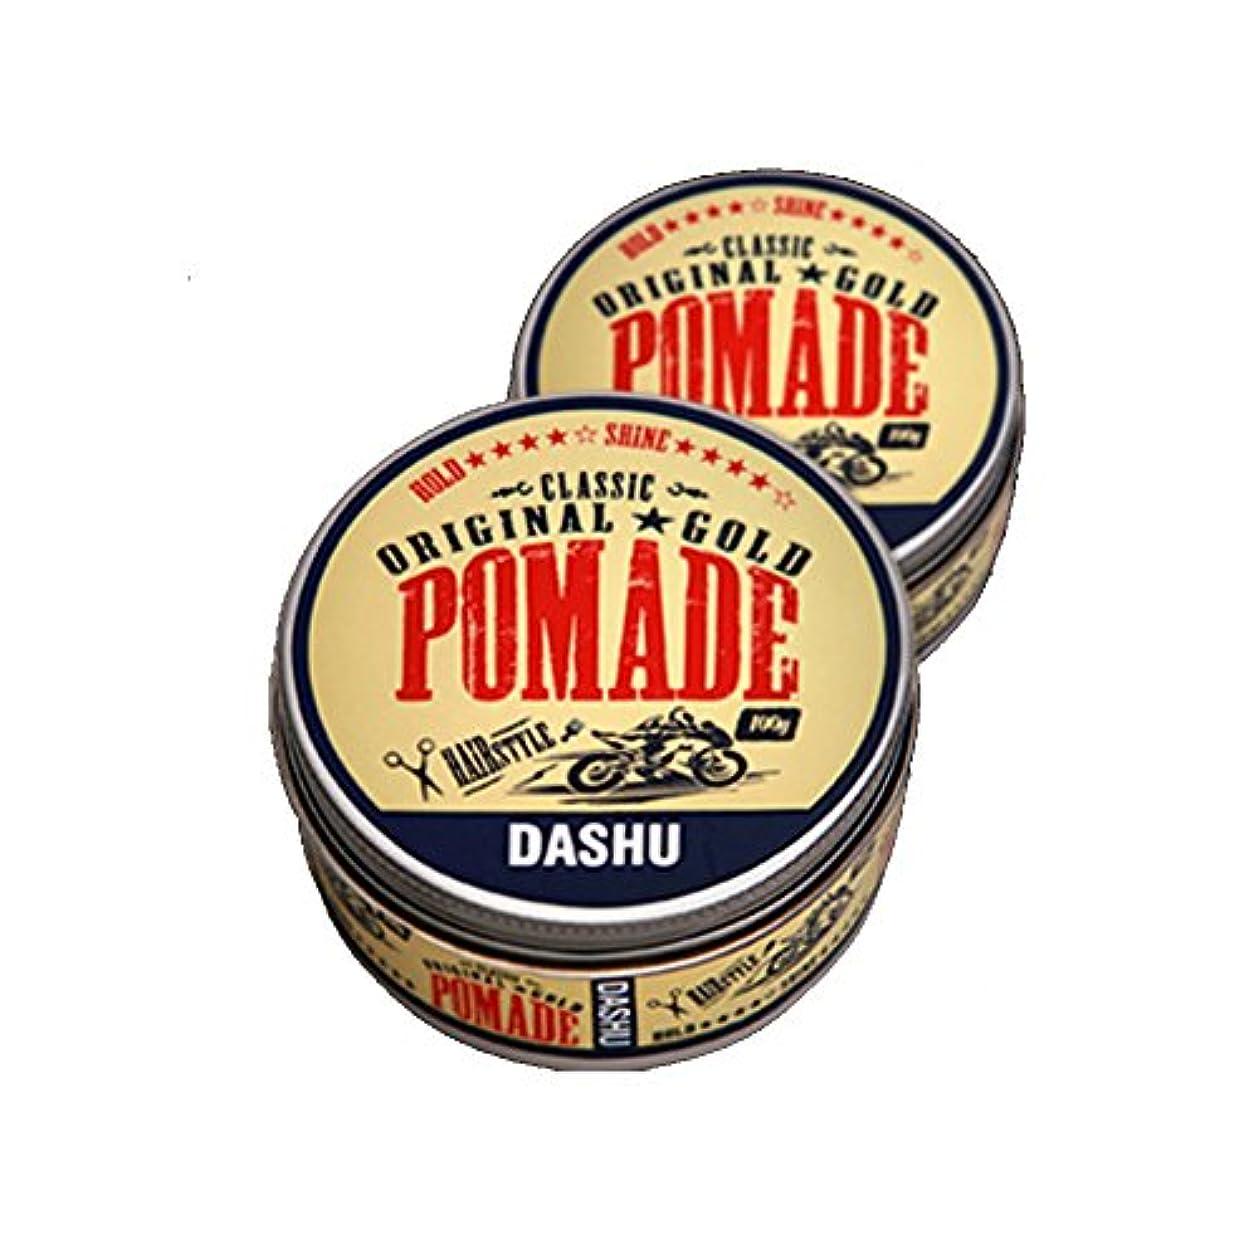 受け入れた背骨割り当て(2個セット) x [DASHU] ダシュ クラシックオリジナルゴールドポマードヘアワックス Classic Original Gold Pomade Hair Wax 100ml / 韓国製 . 韓国直送品